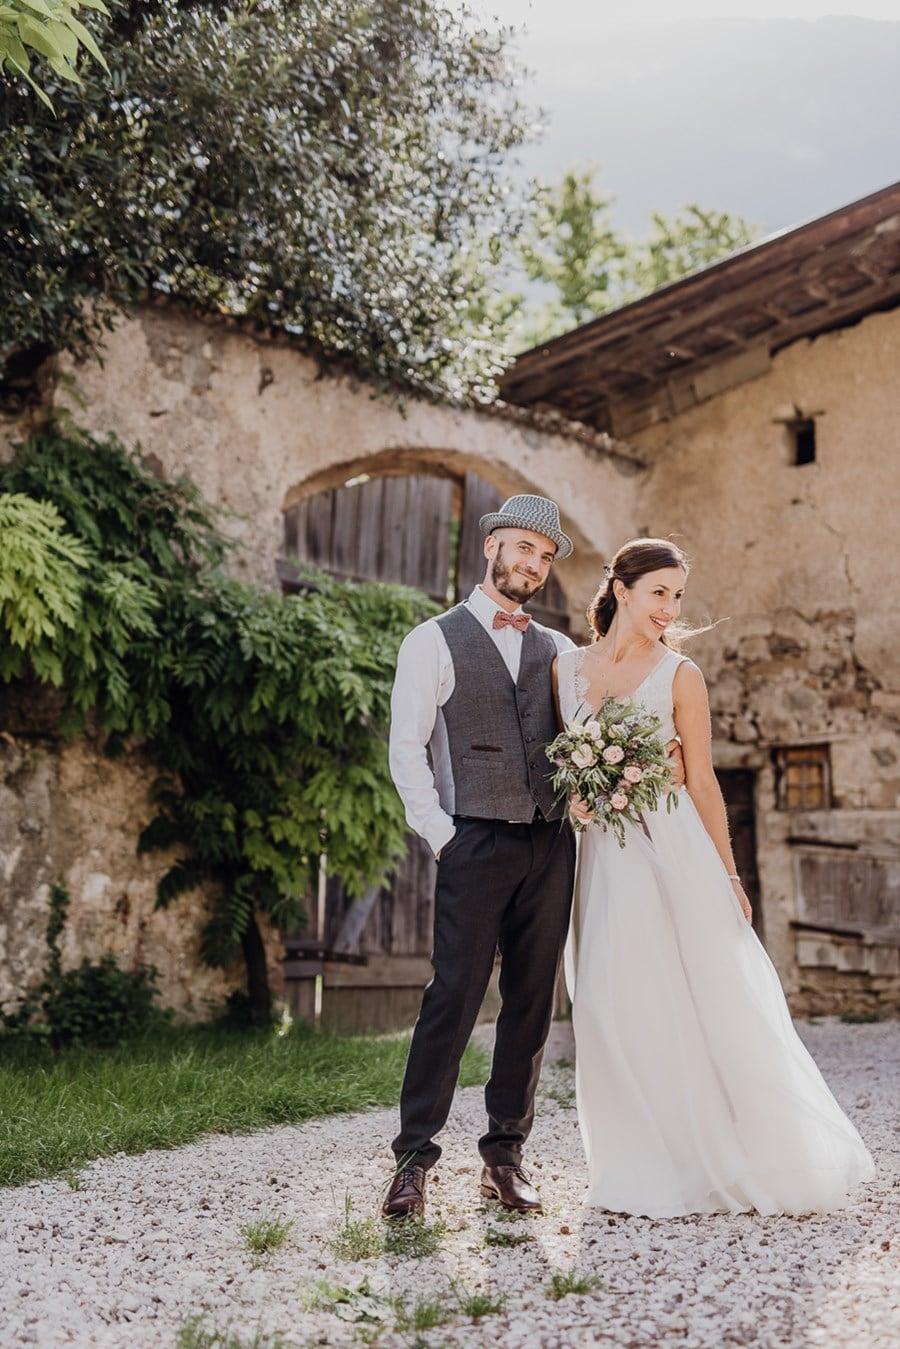 50 Hochzeits Foto Ideen Und Posen Fur Ihre Hochzeit Fur